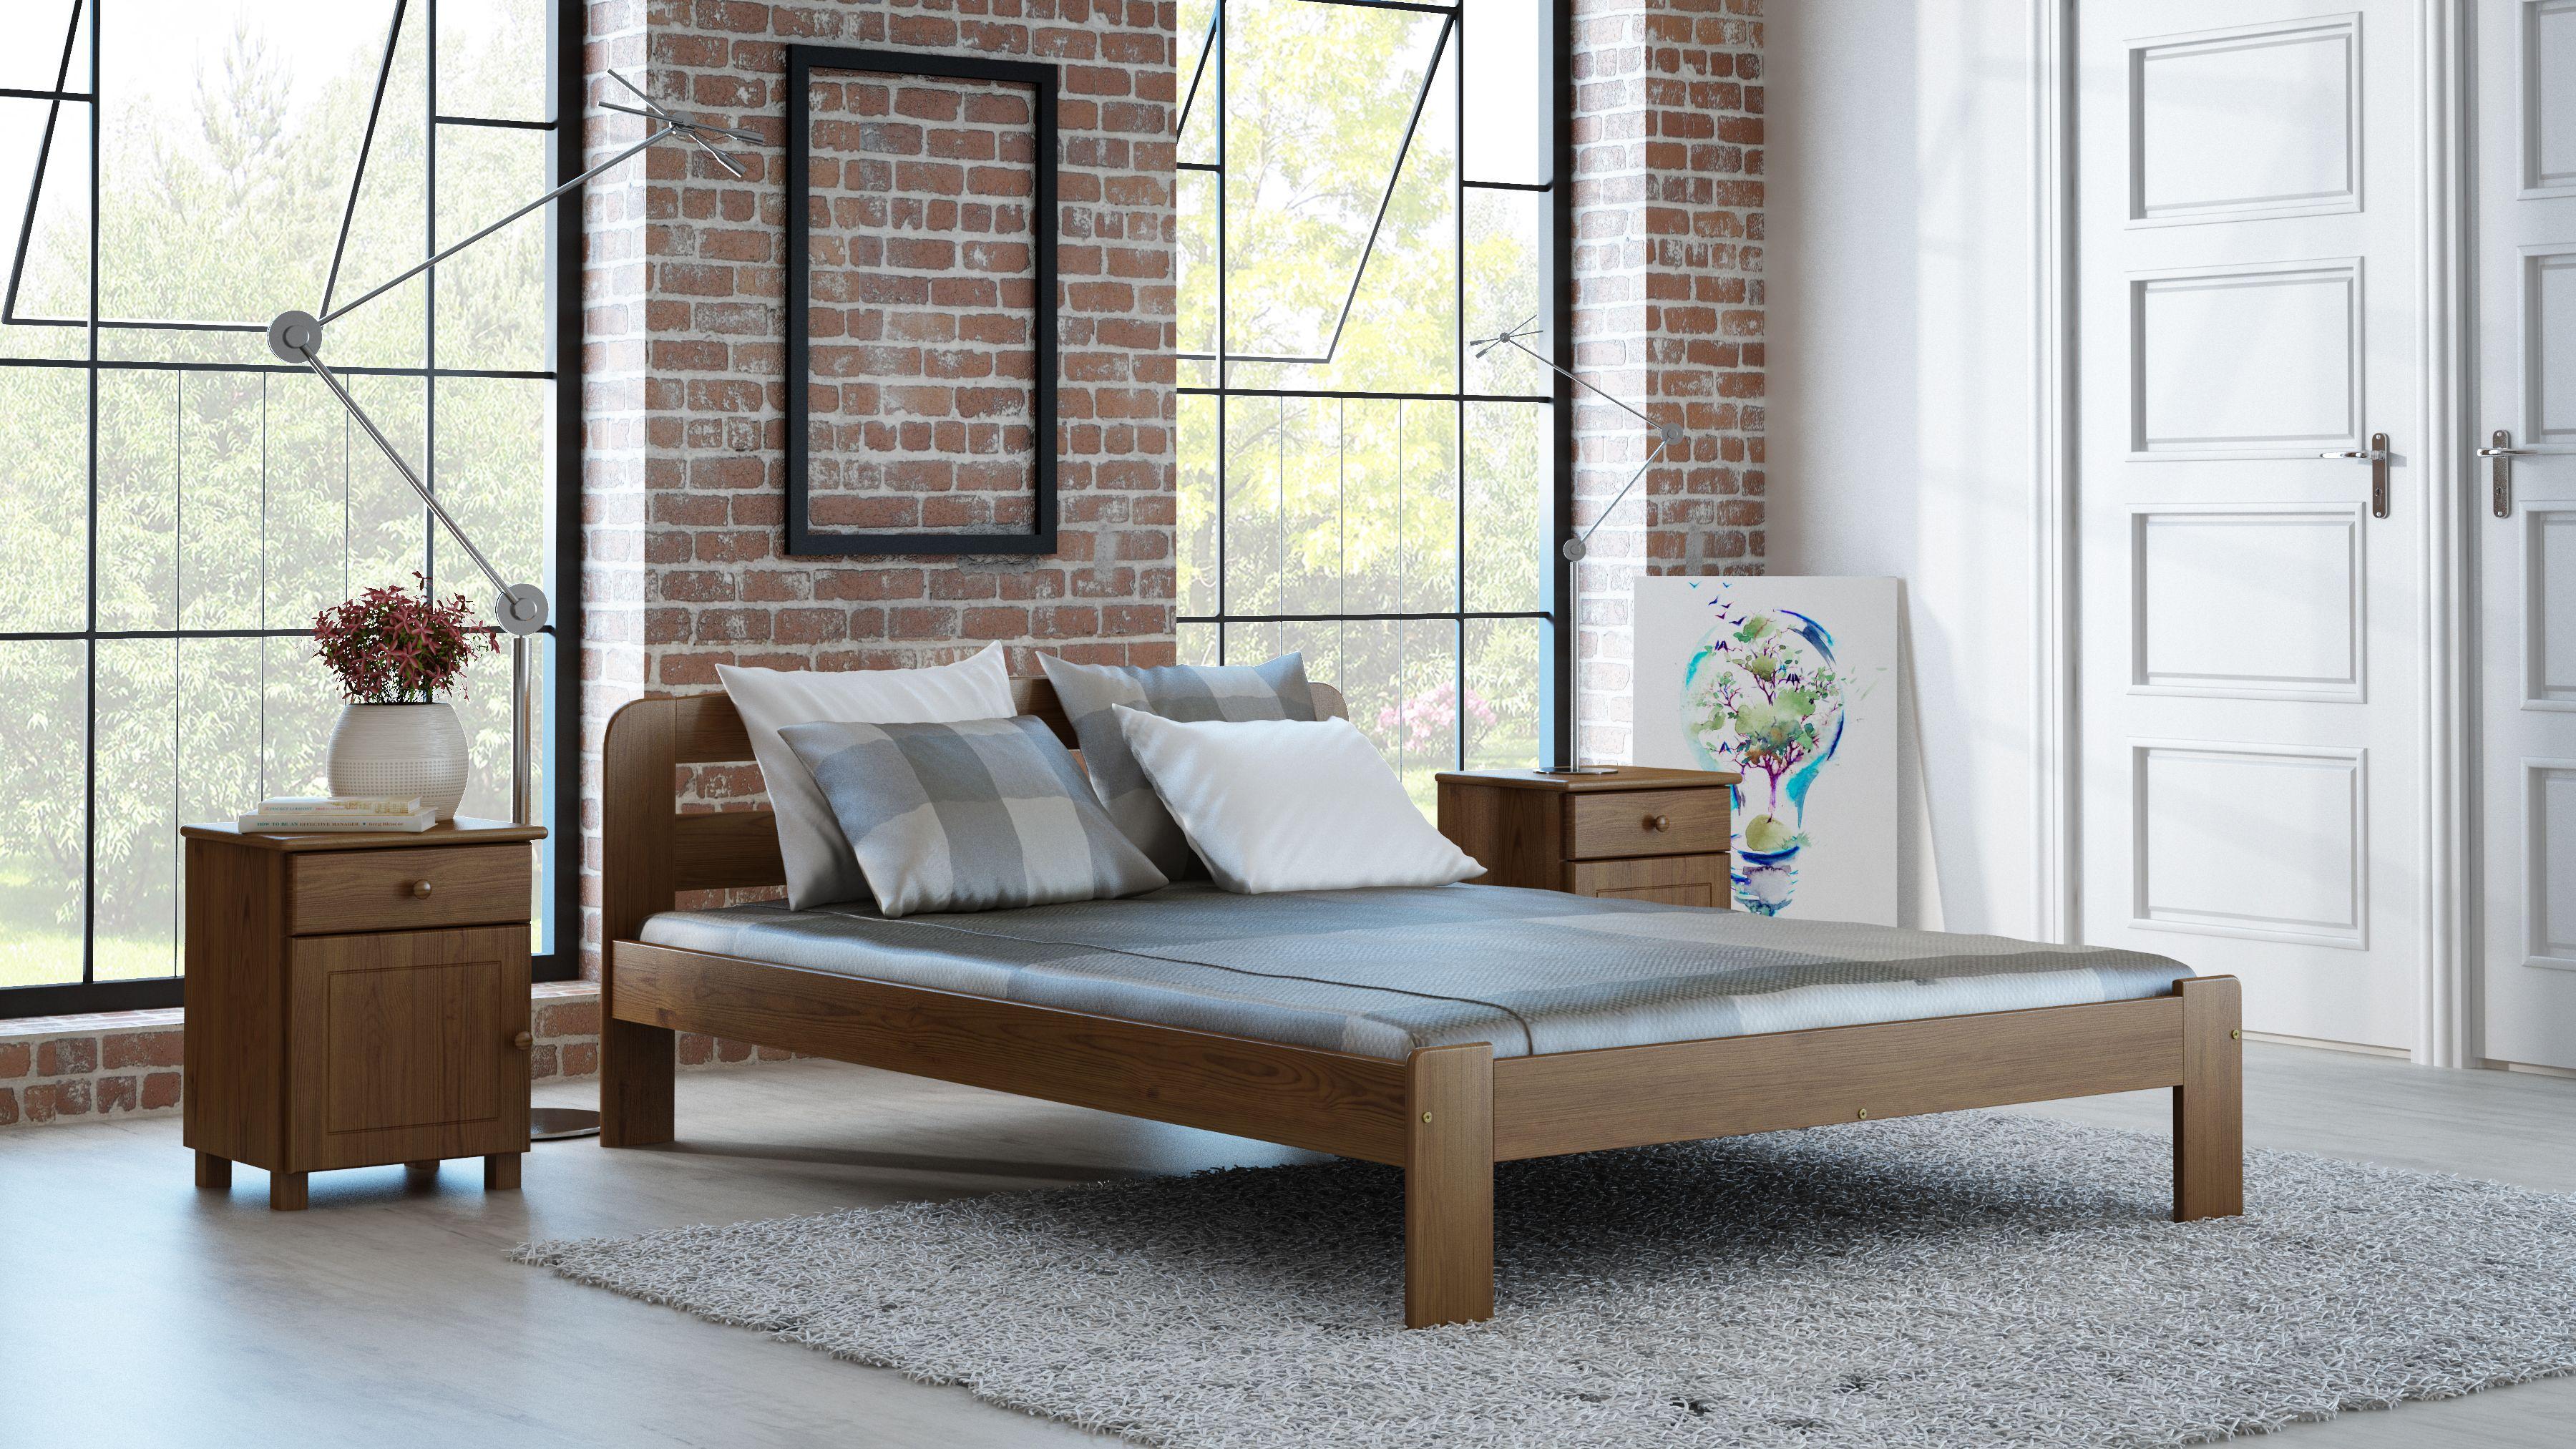 Wie Gefallt Euch Diese Einrichtungsidee Mit Unserem Bett Das Holzbett Wurde Aus Massiven Holz Schlafzimmer Einrichten Bett Mit Lattenrost Outdoor Dekorationen